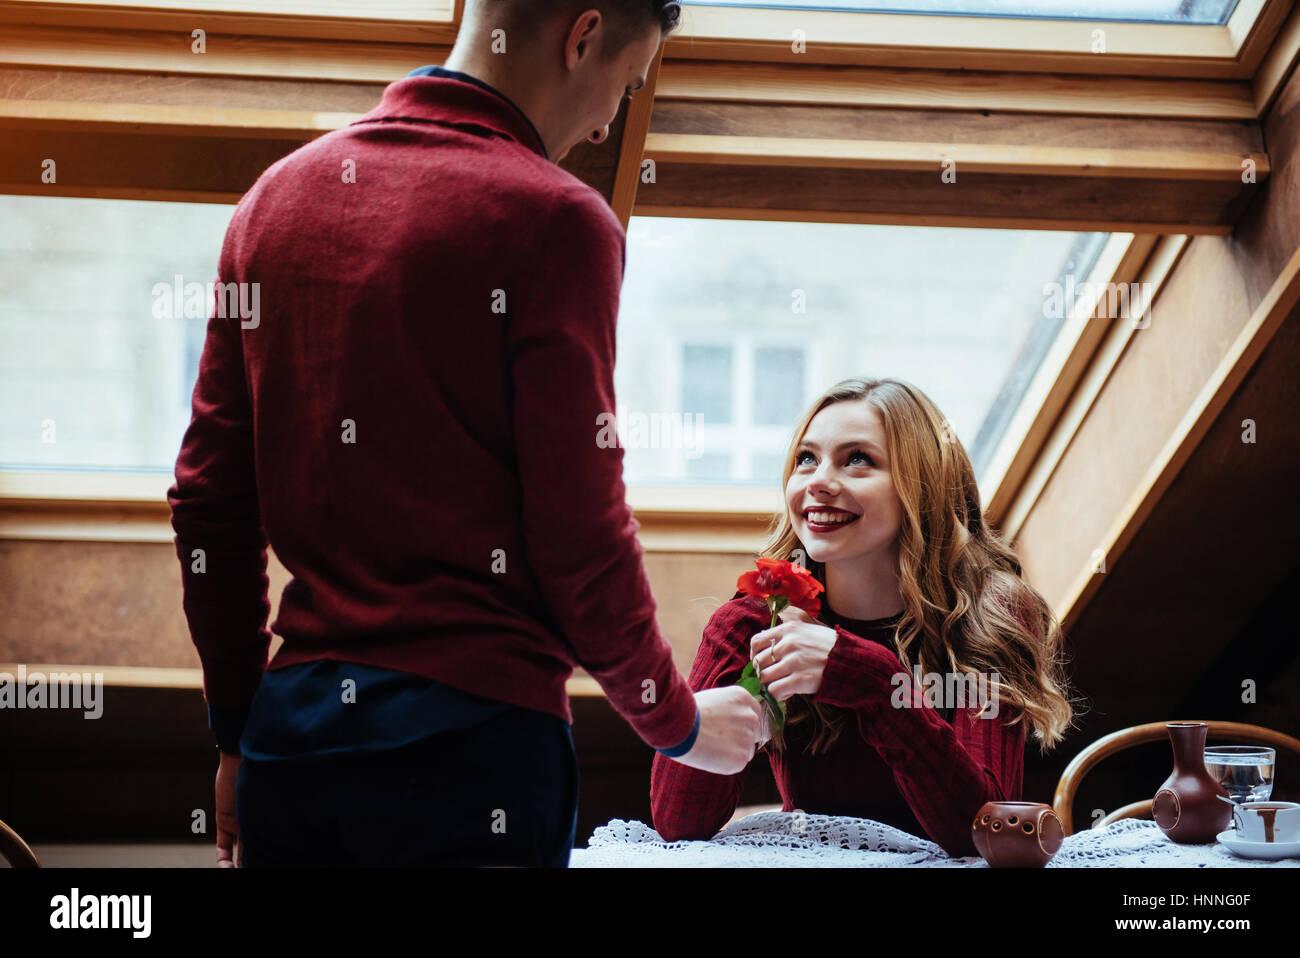 Hermosa joven y de la mujer se celebra el día de San Valentín Imagen De Stock